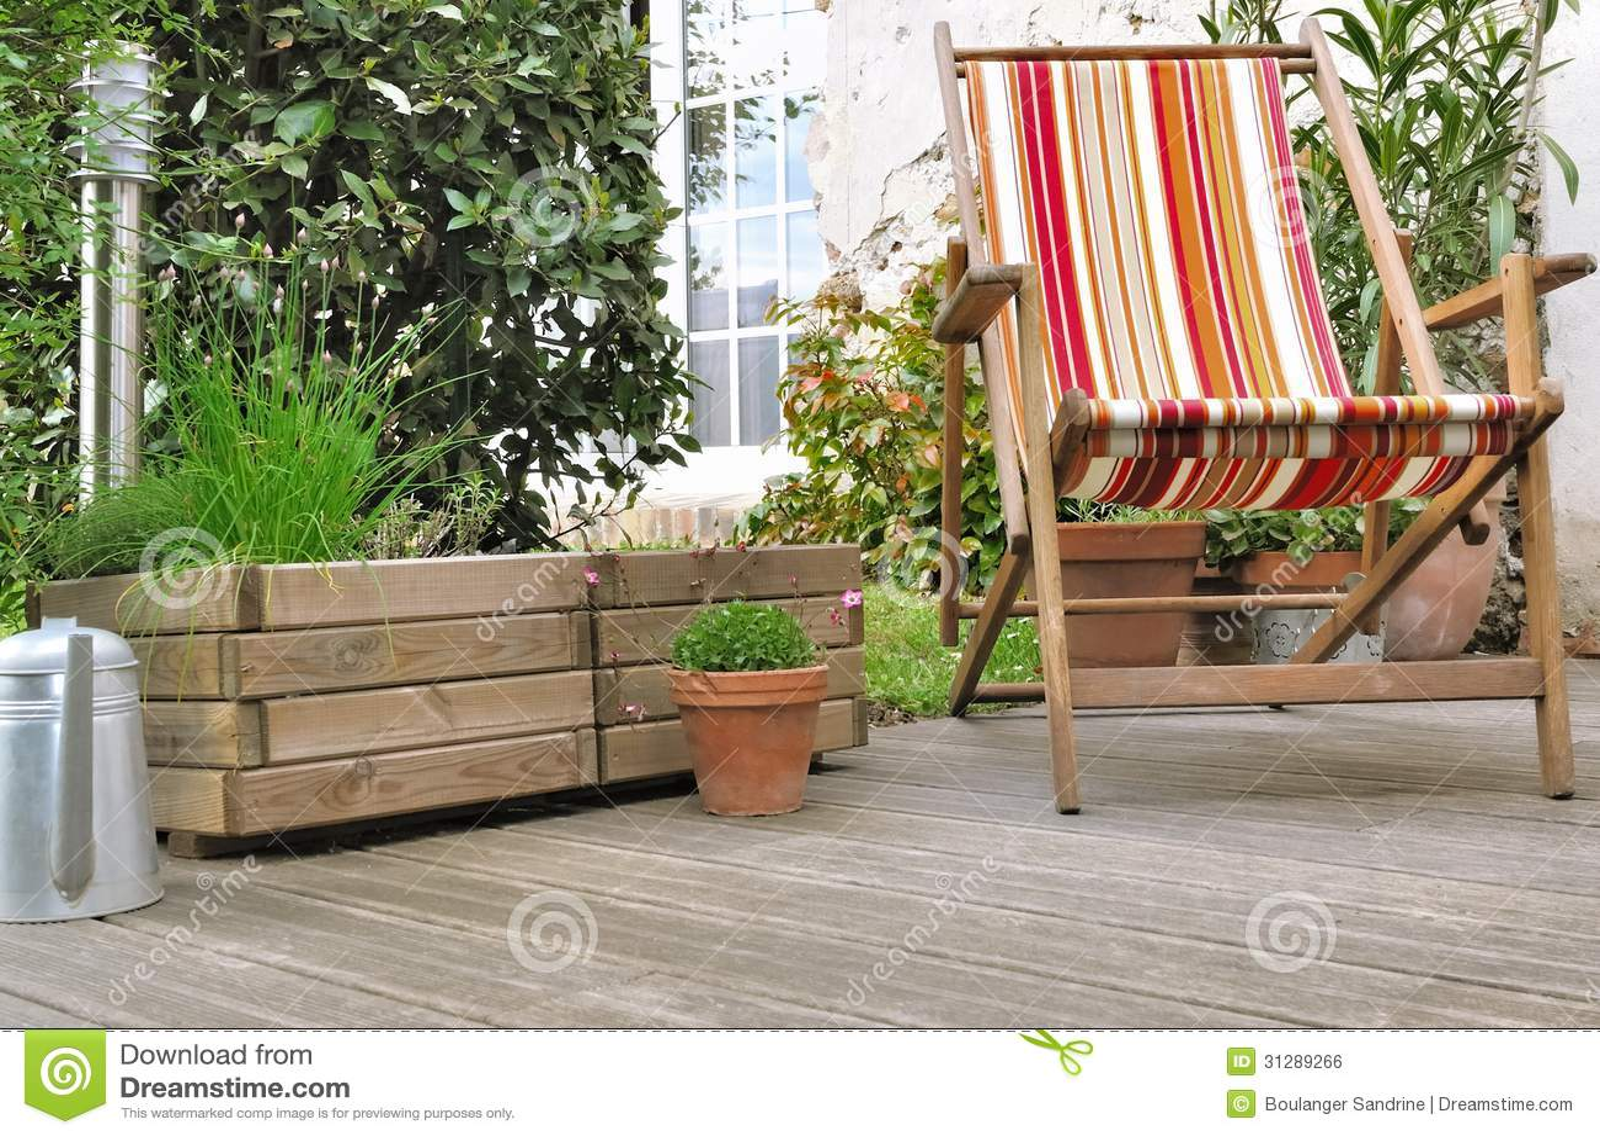 Sedie A Sdraio In Legno : Sedia a sdraio sul terrazzo di legno fotografia stock immagine